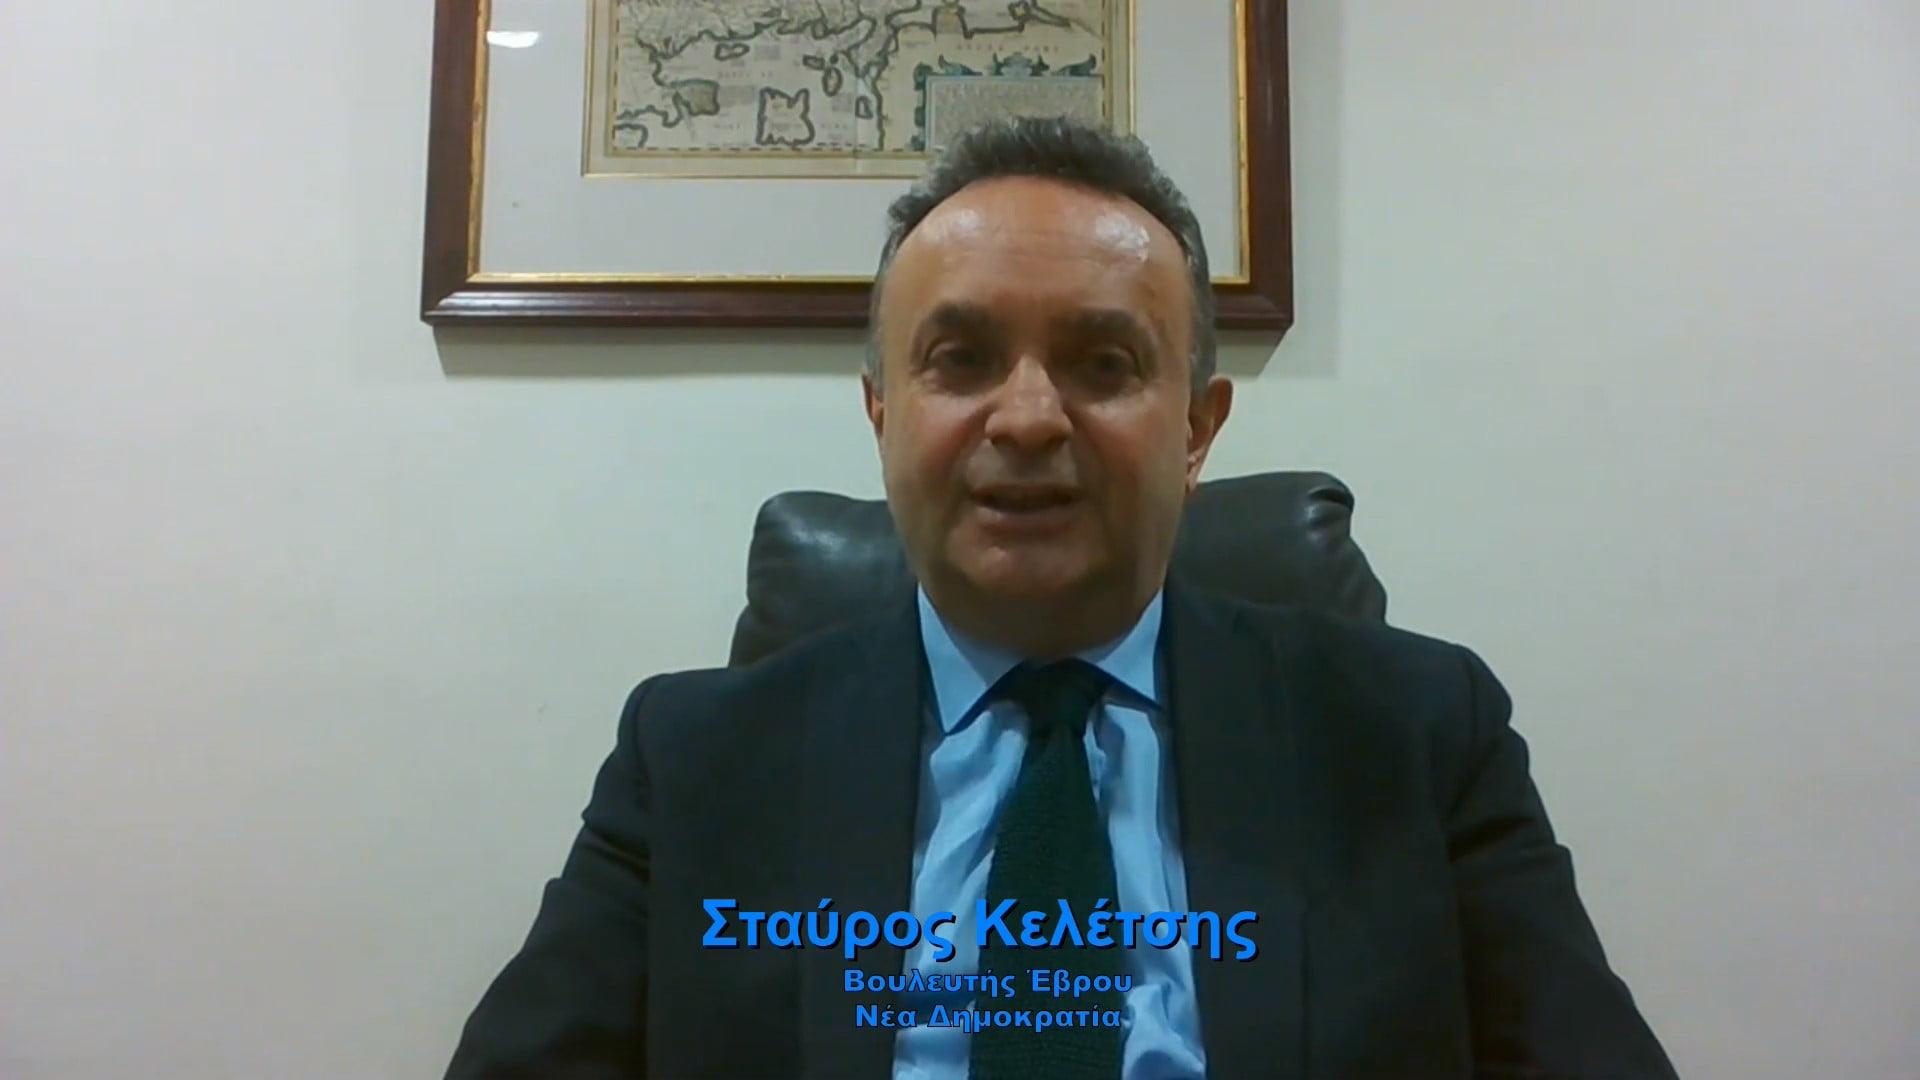 Σταύρος Κελέτσης βουλευτής Έβρου ΝΔ